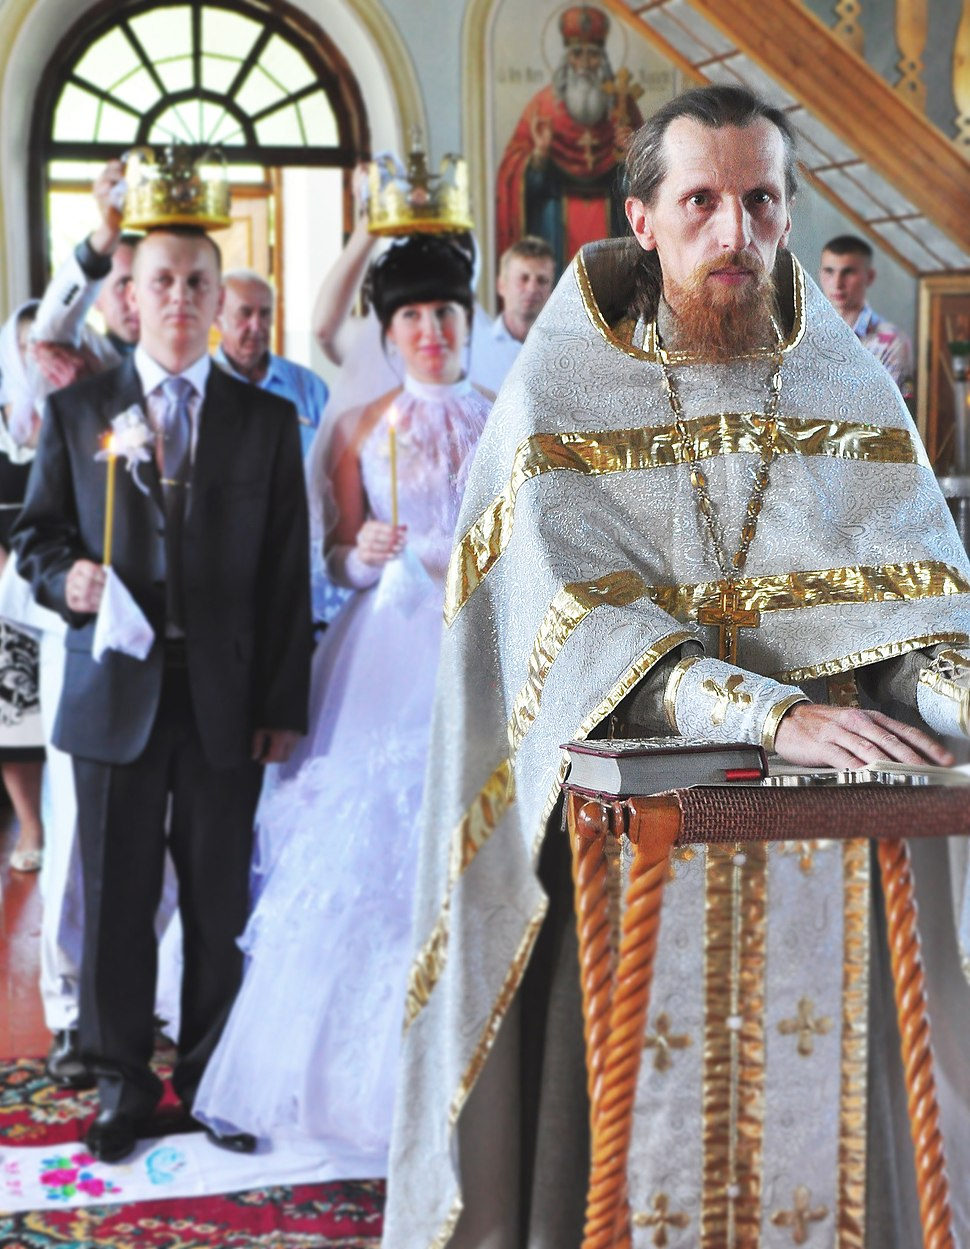 Wedding ceremony in the Orthodox Church of Valyava